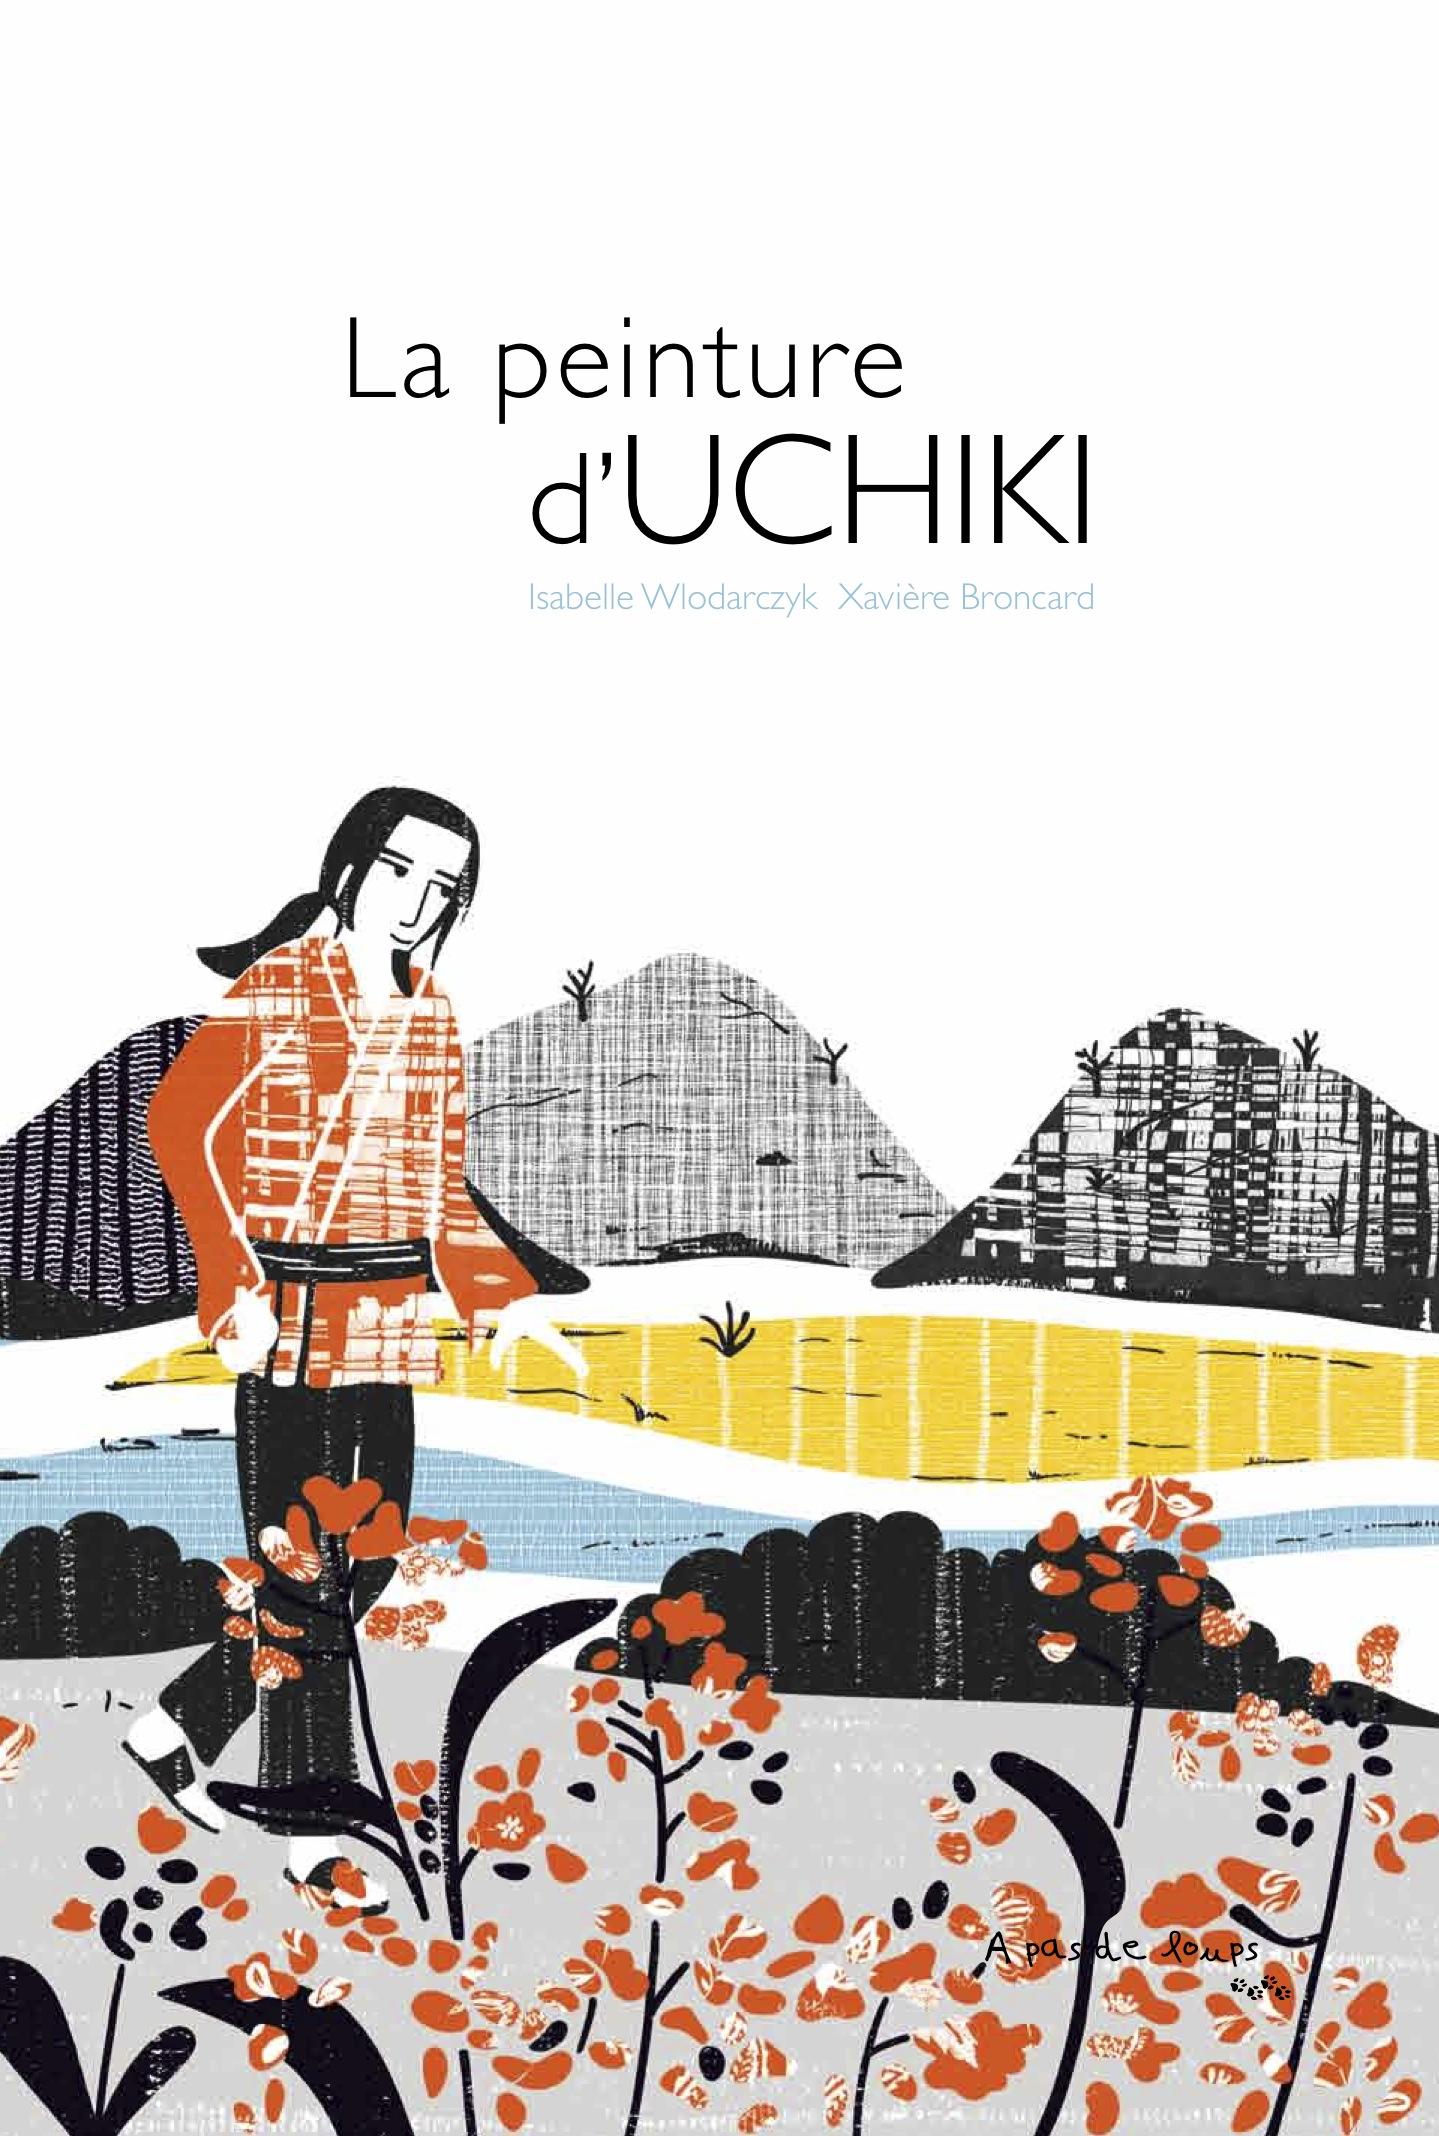 Uchiki s painting